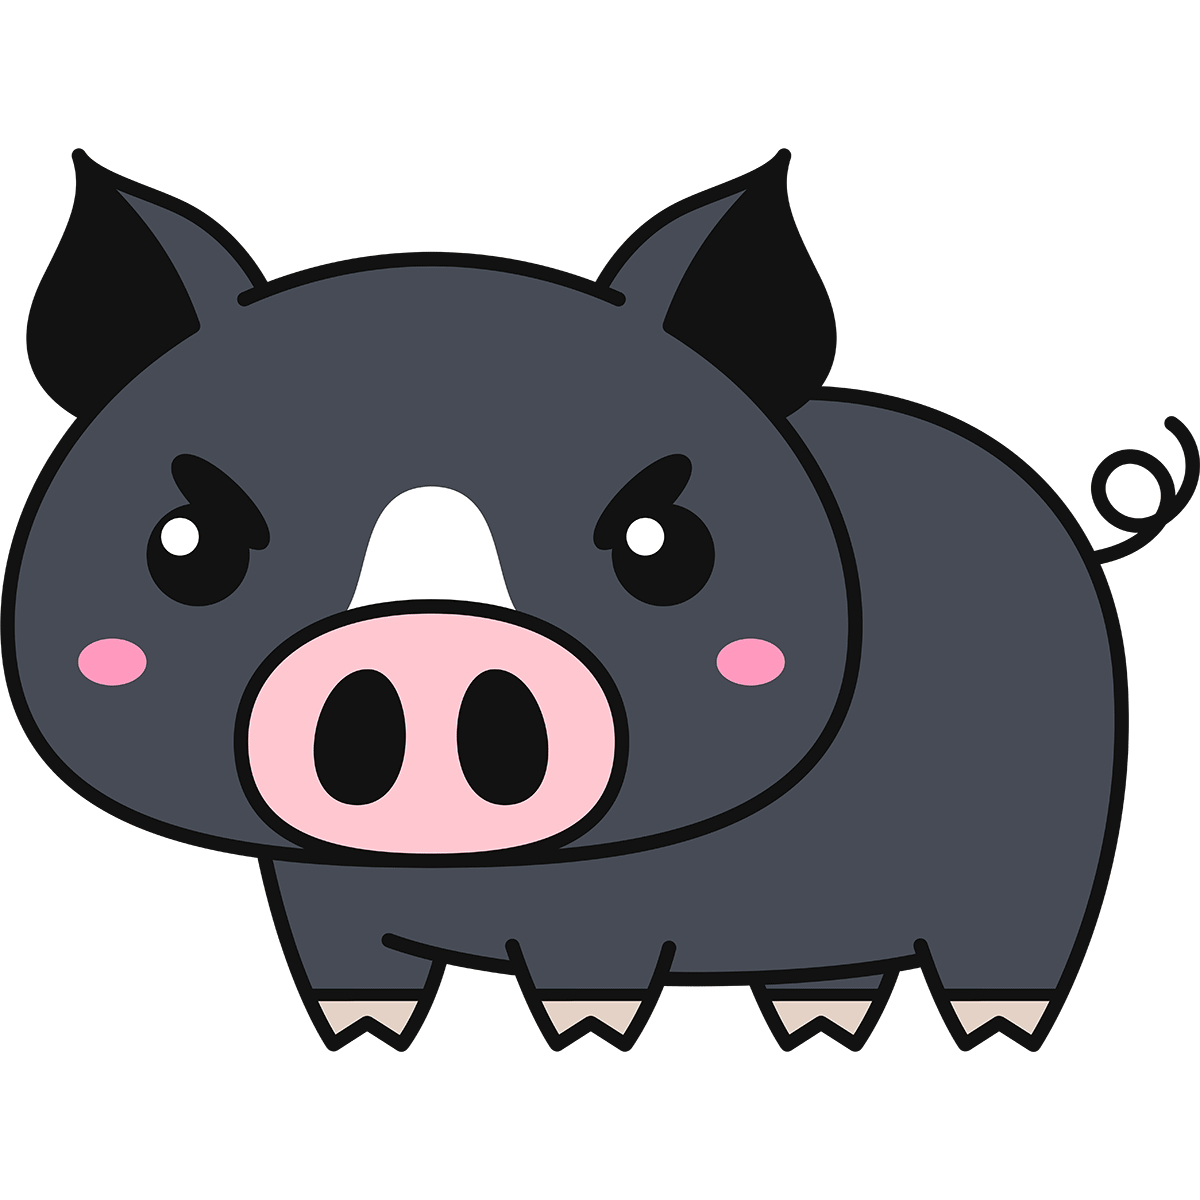 黒豚の無料イラスト